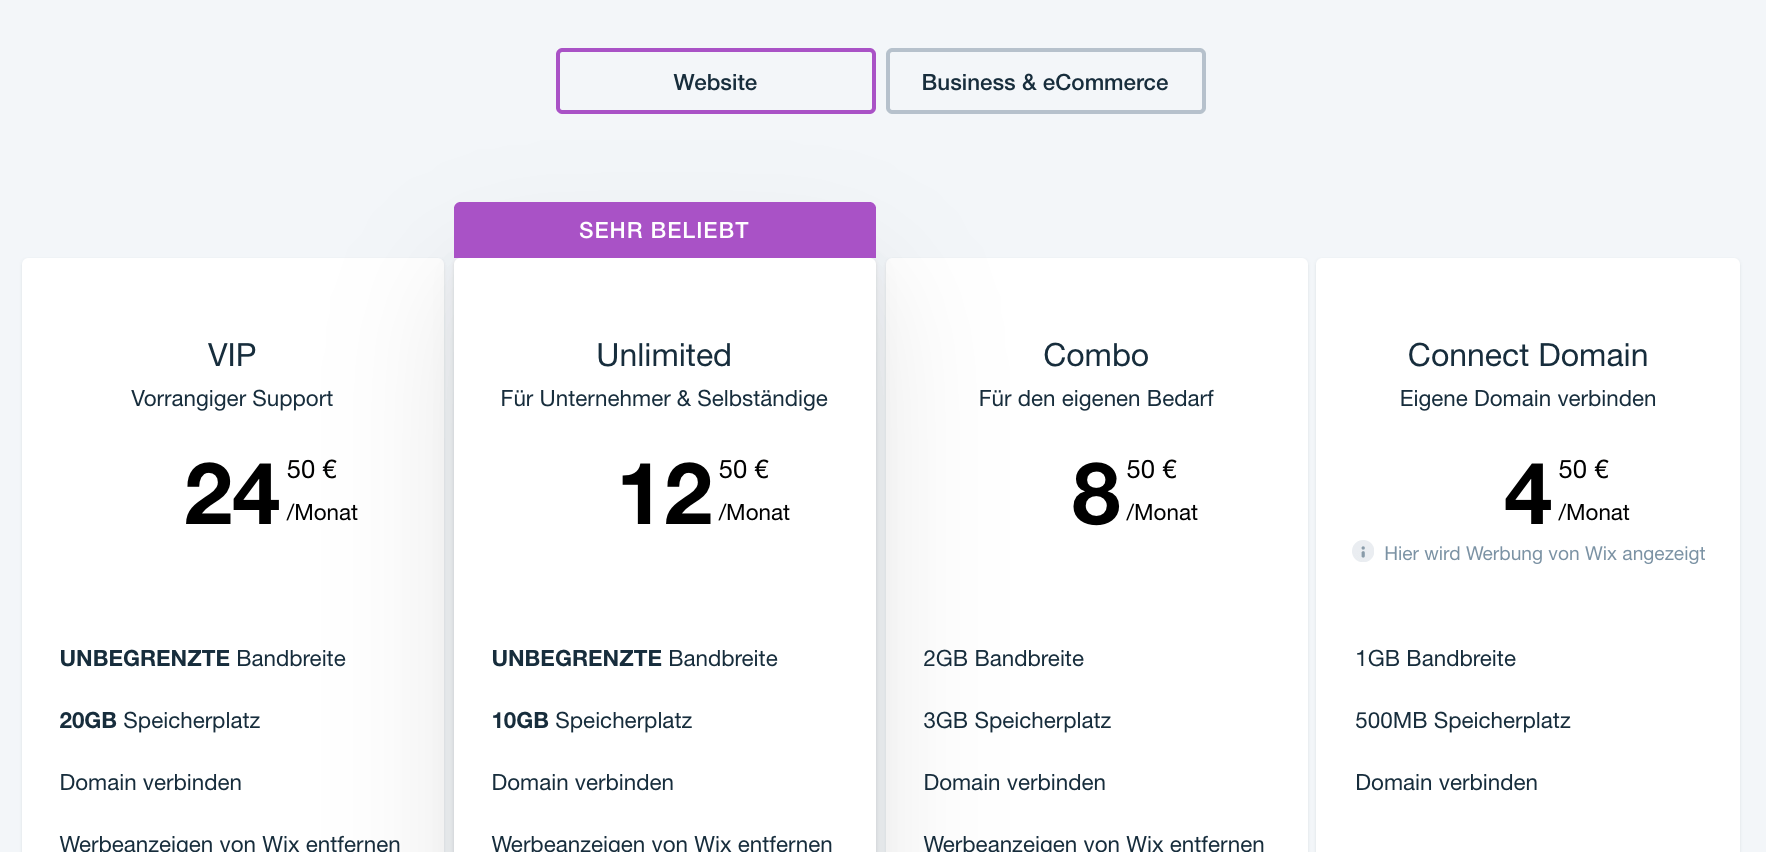 Wix im Test: Preise im Vergleich